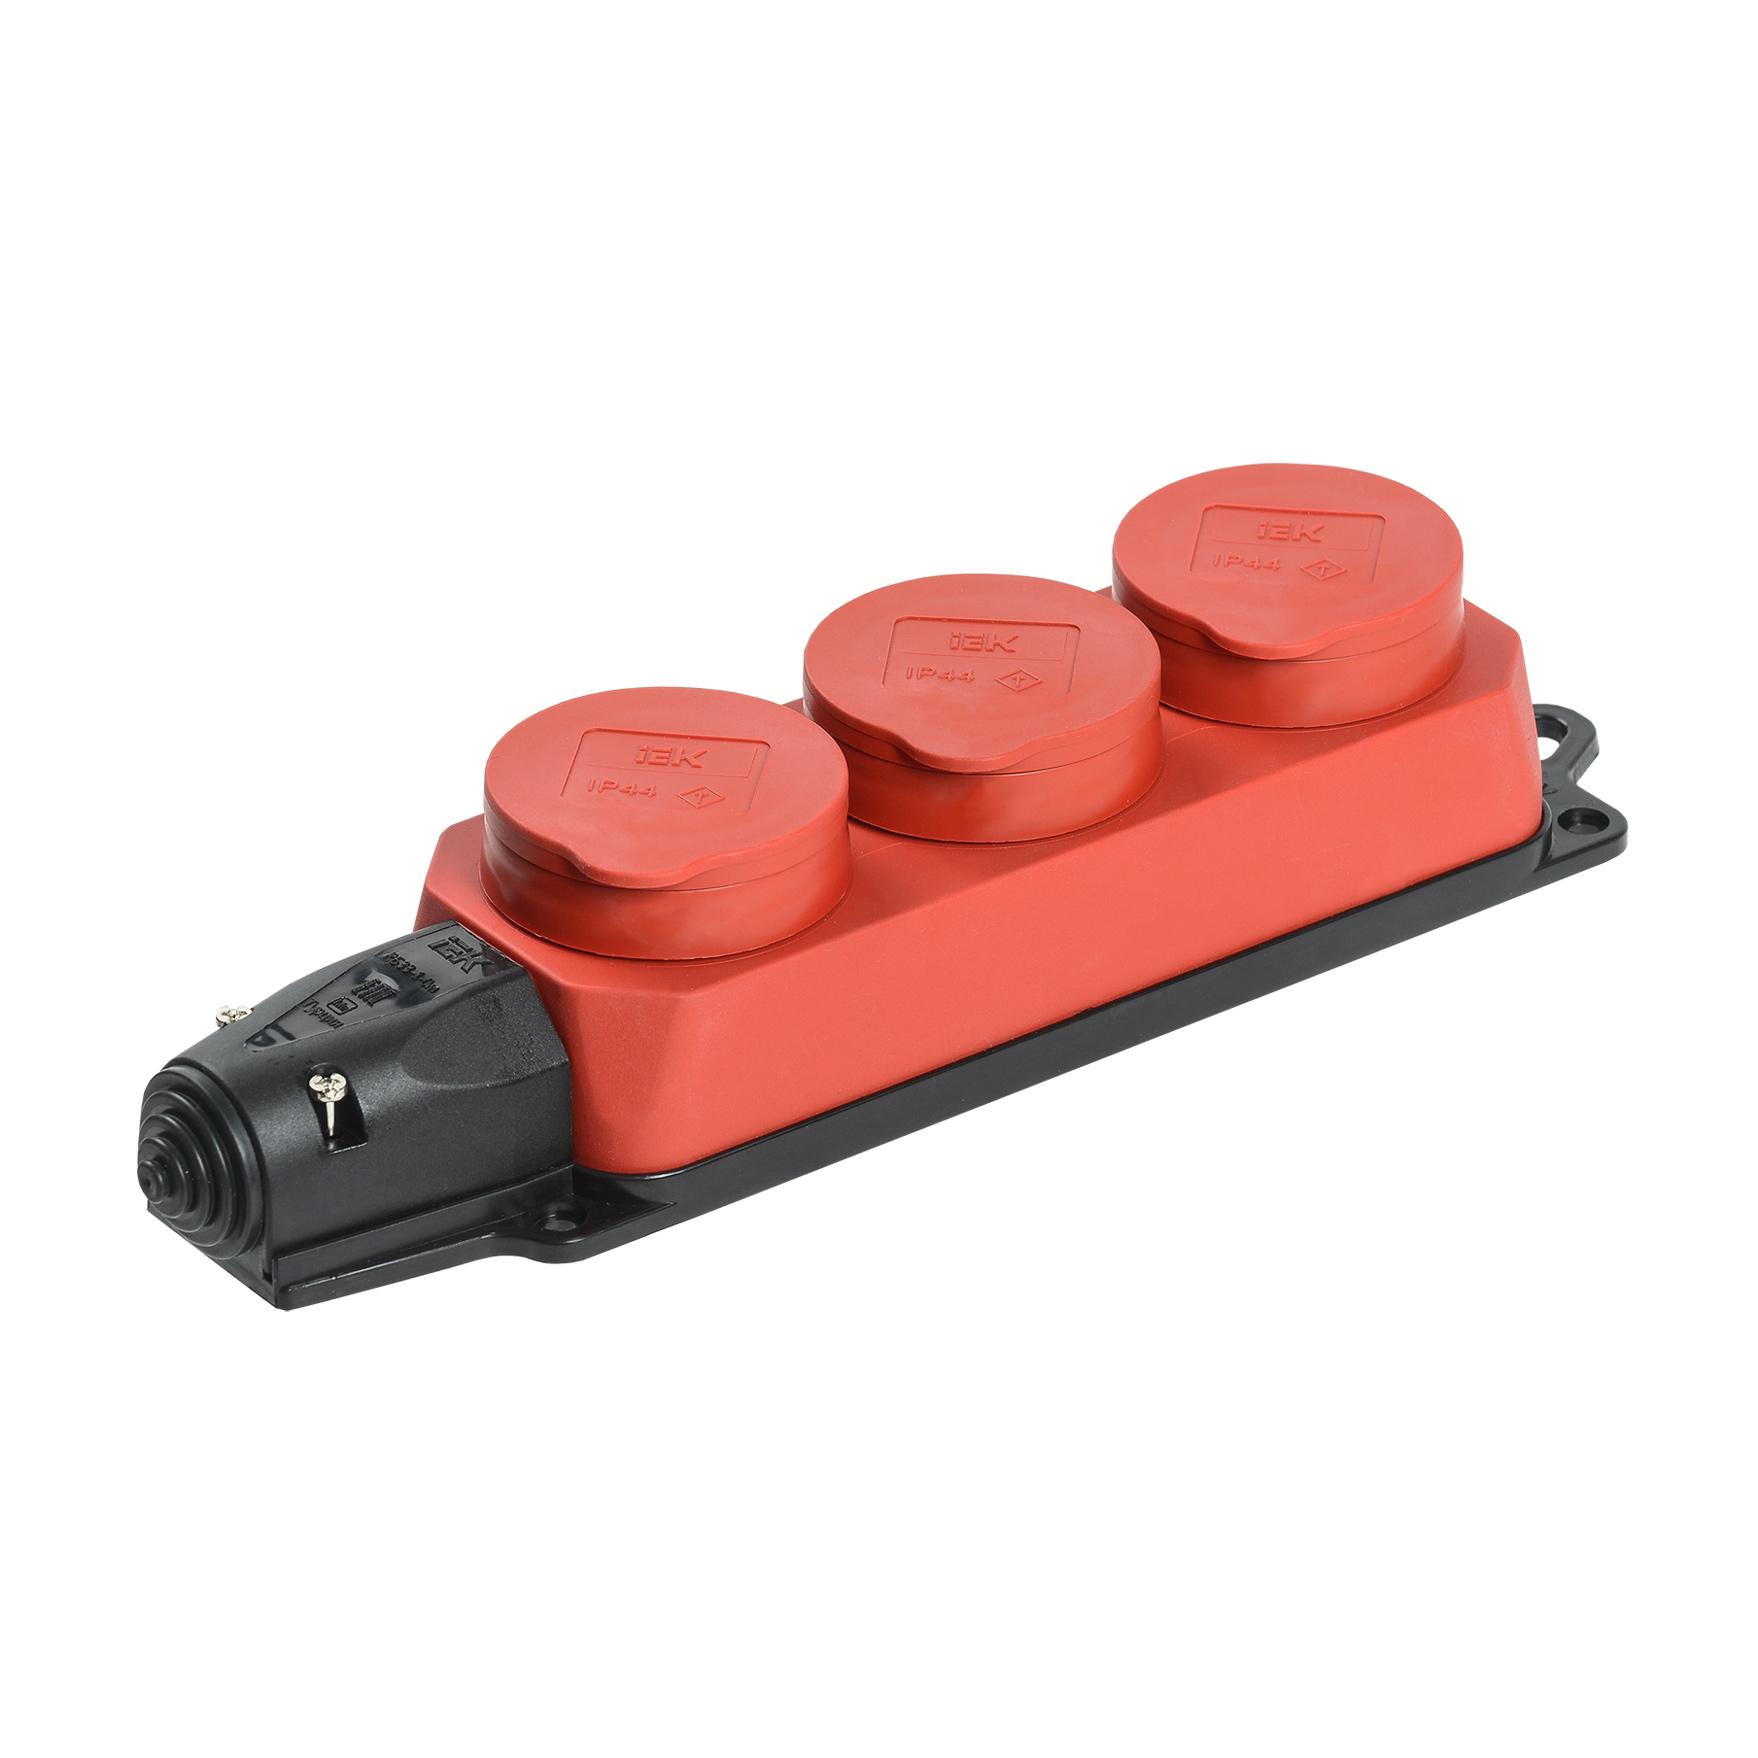 Розетка (колодка) 3-местная РБ33-1-0м с защитными крышками IP44 ОМЕГА красная IEK